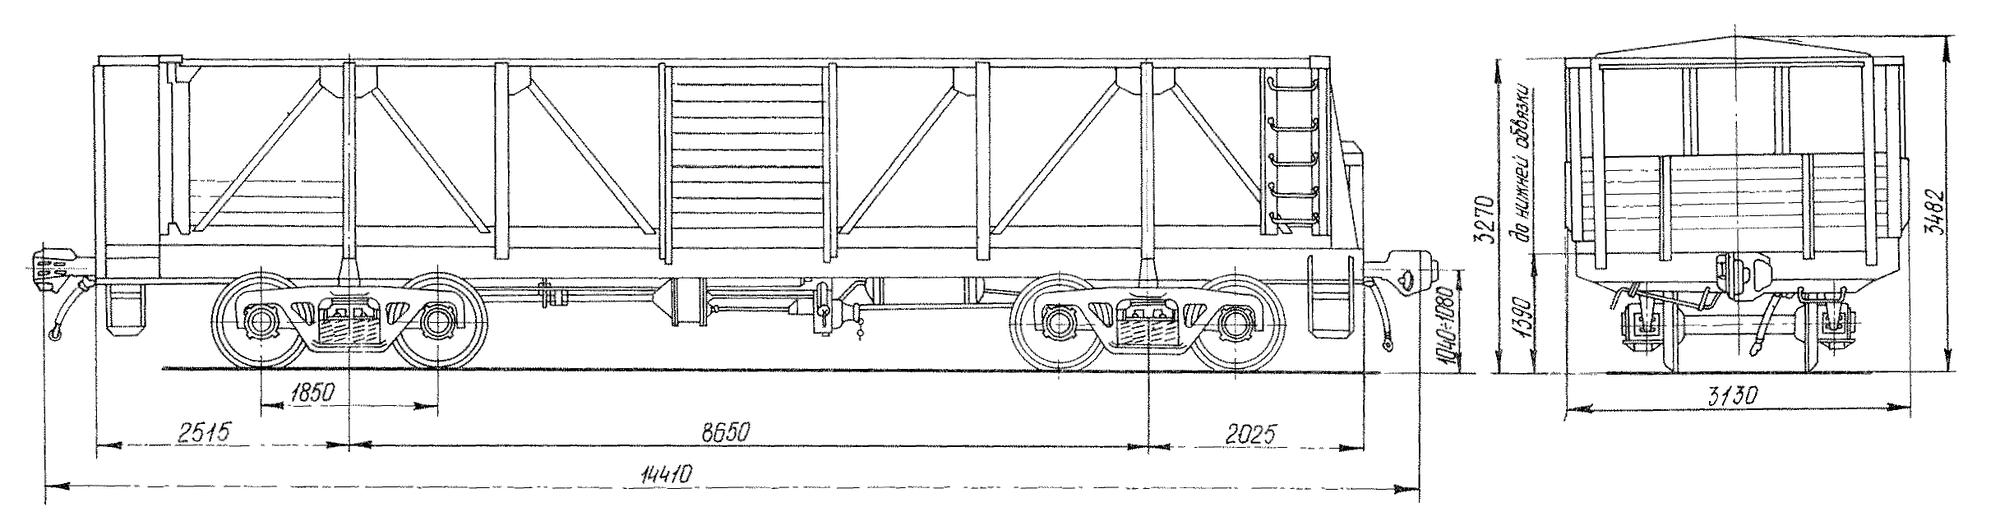 4-осный вагон для среднетоннажных контейнеров на базе полувагона с тормозной площадкой